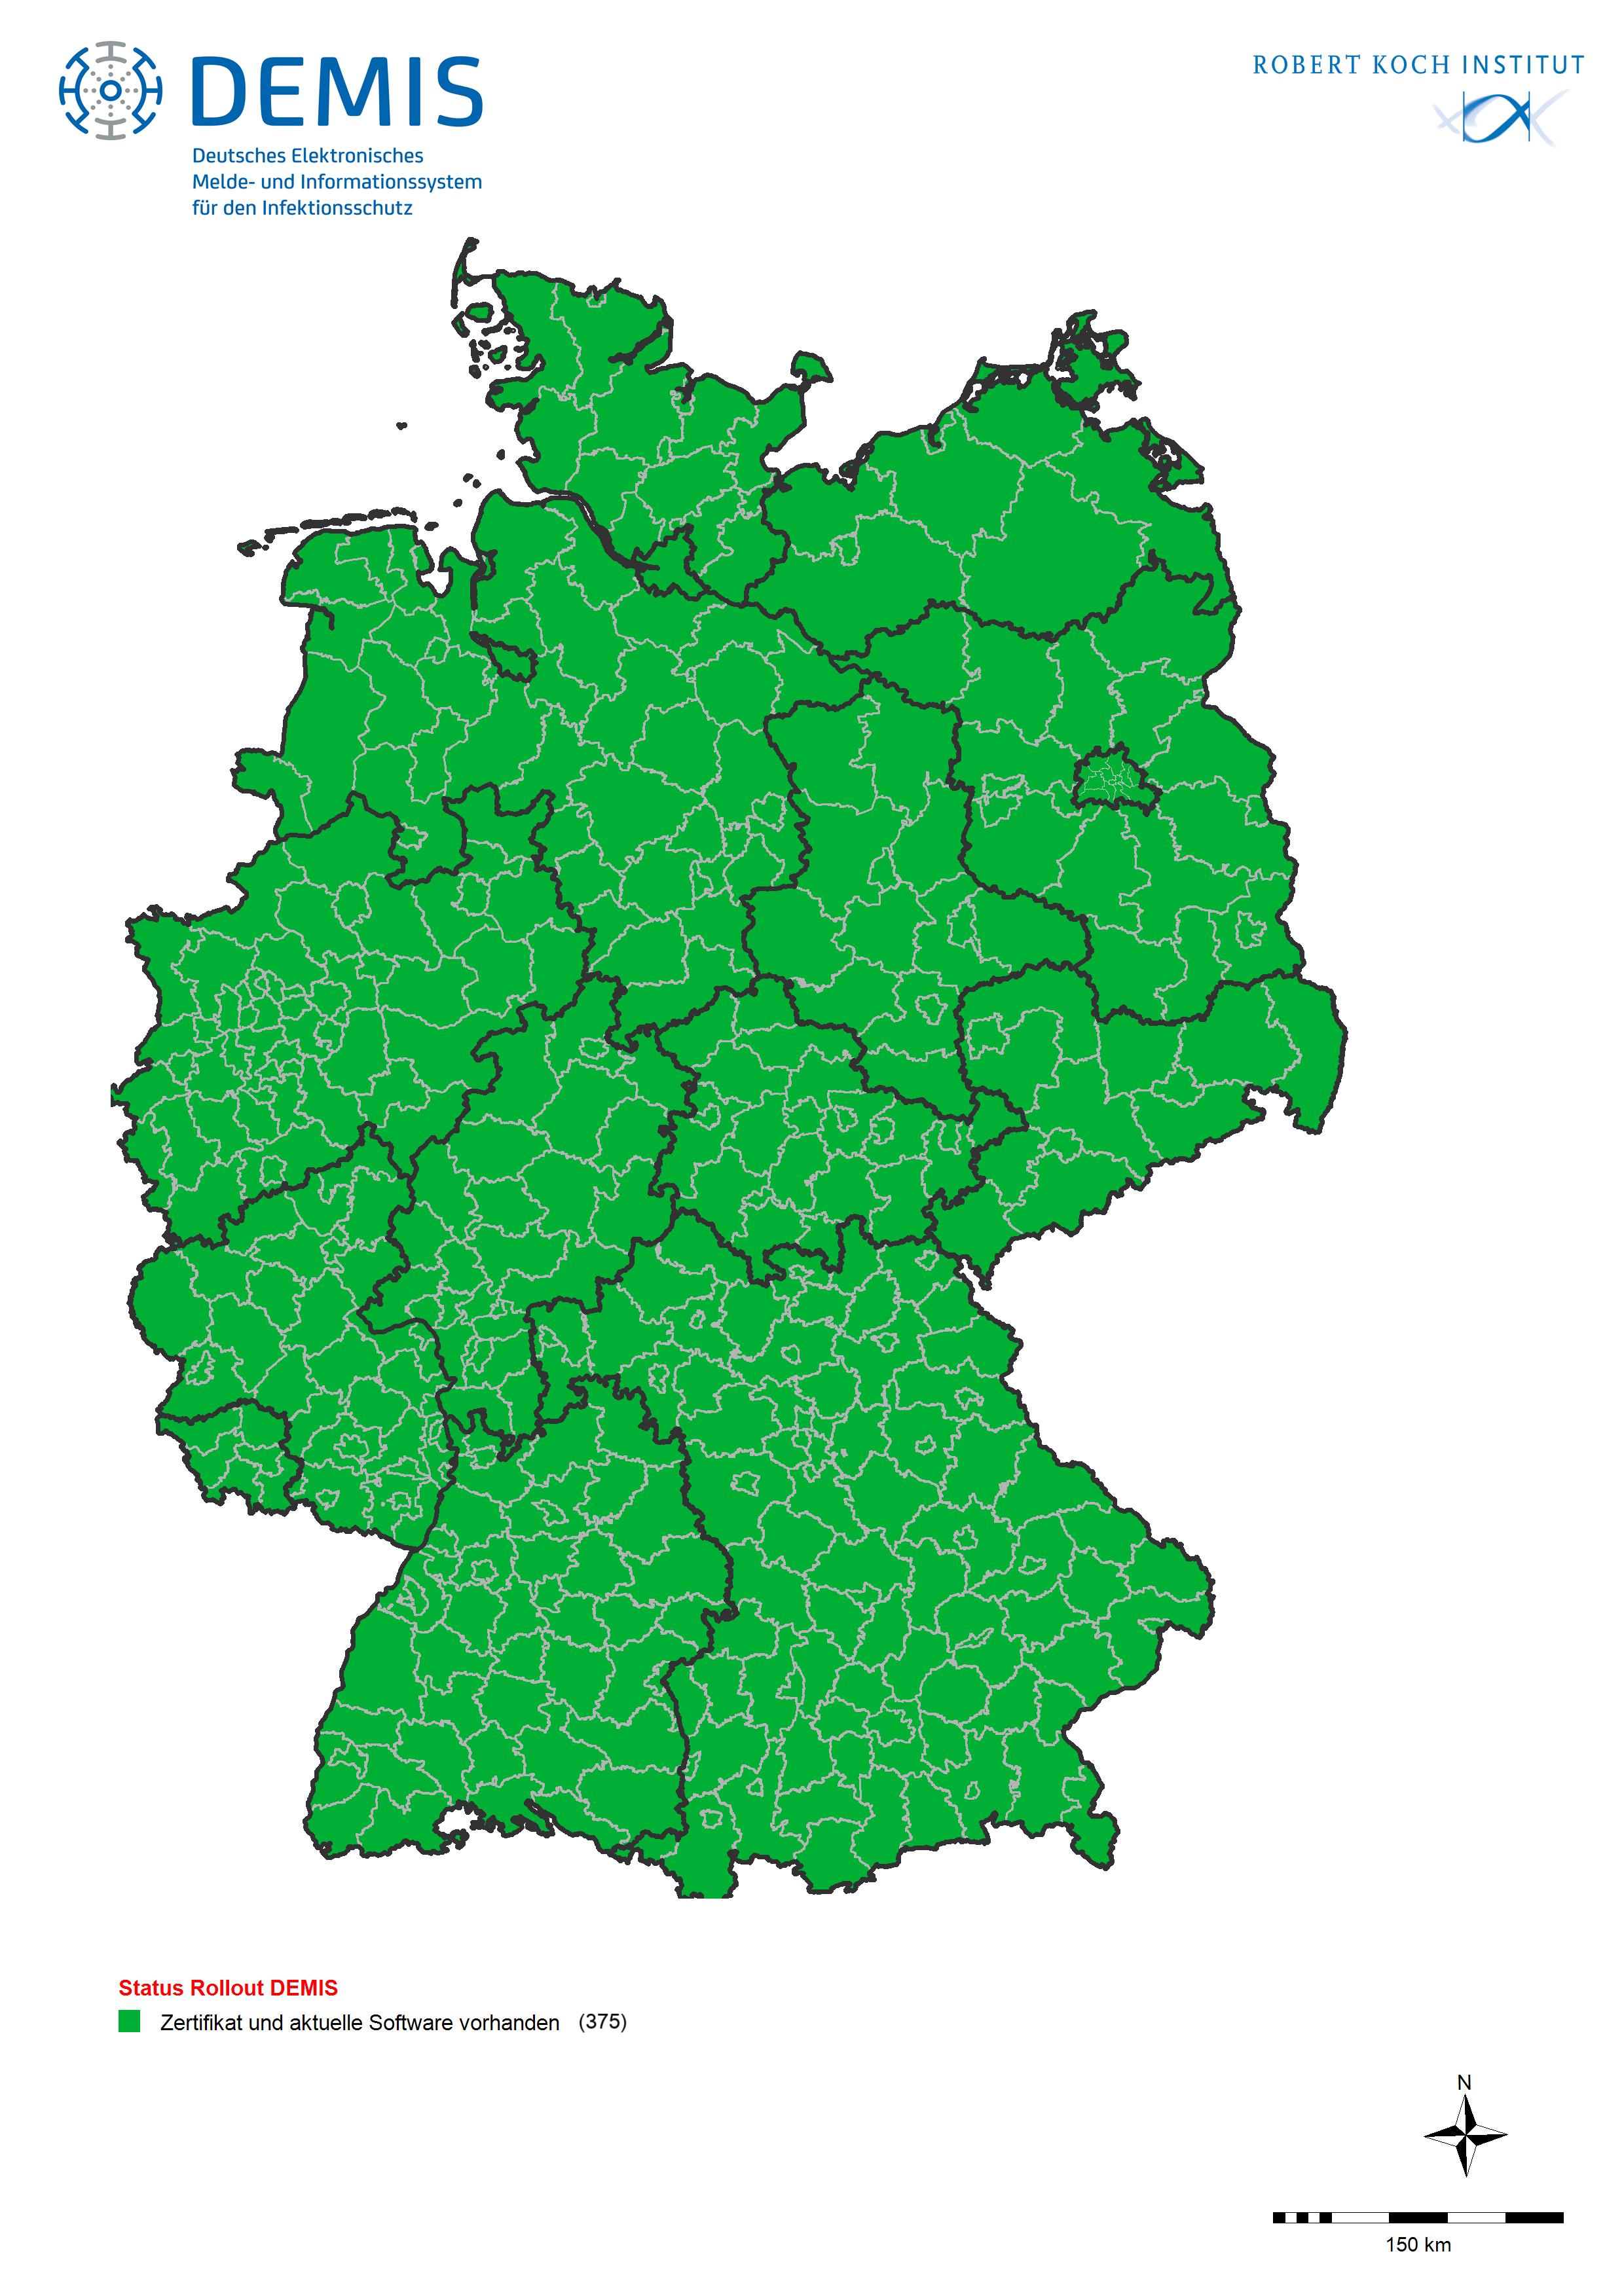 Rki Demis Demis Deutsches Elektronisches Melde Und Informationssystem Fur Den Infektionsschutz